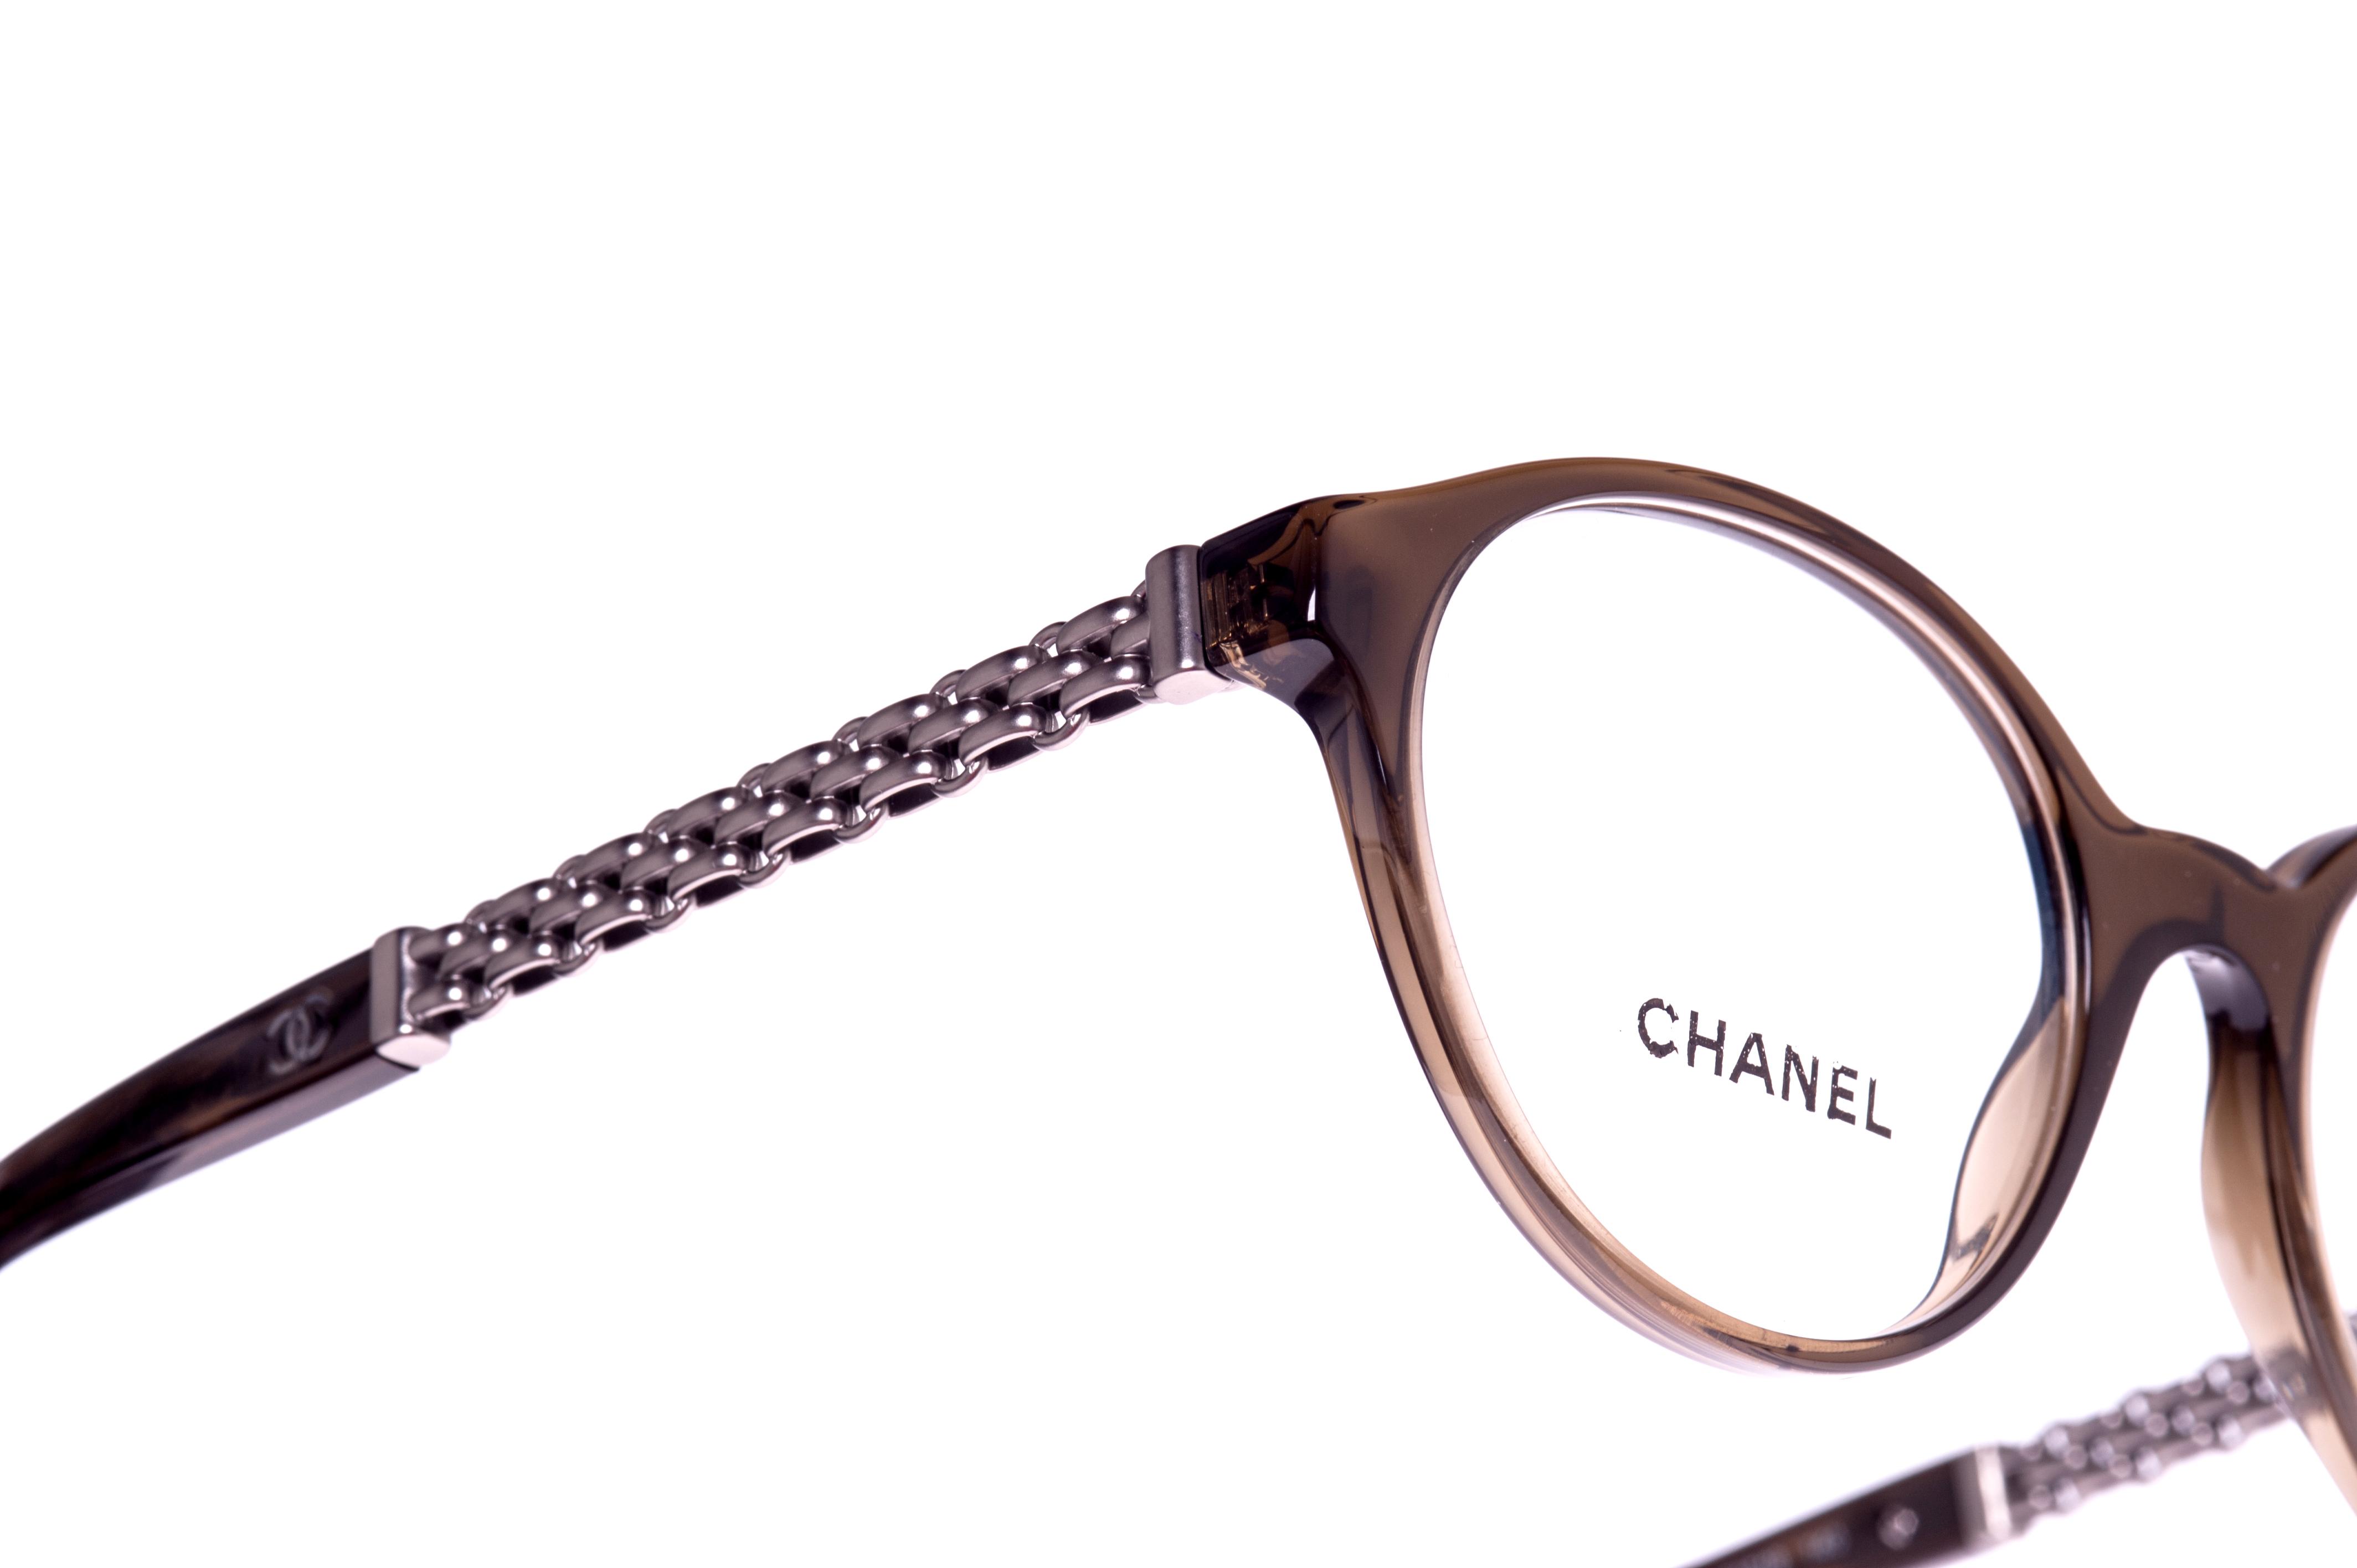 543396a82270 Chanel 3319 775 Designerbrille  Zwischen heute und damals - Optoline ...